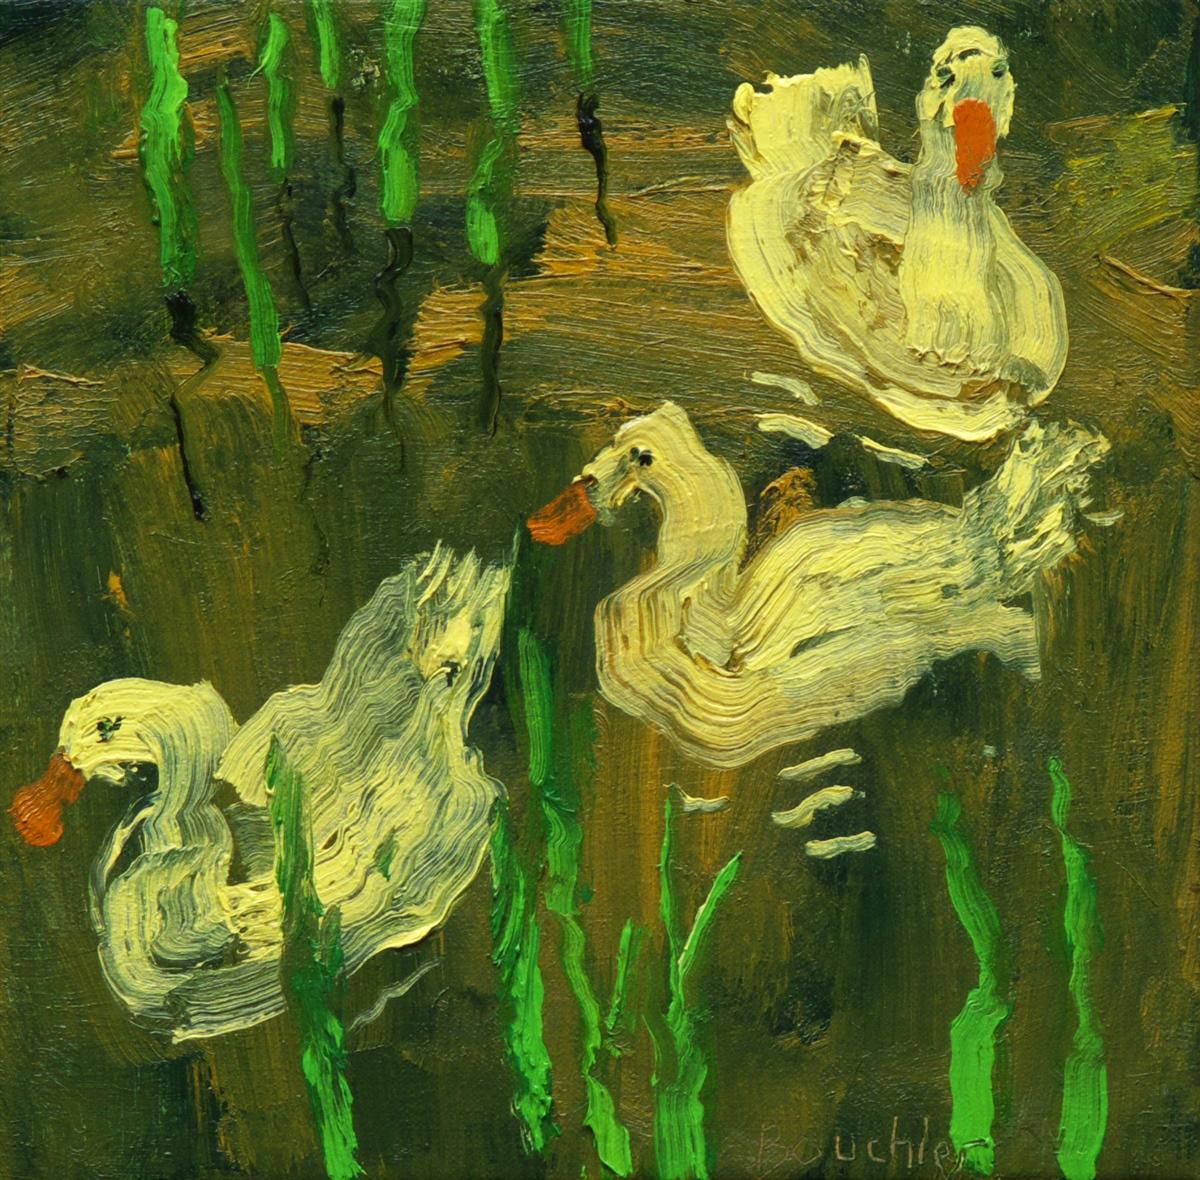 Ganzen III, schilderij 24 x 24 cm